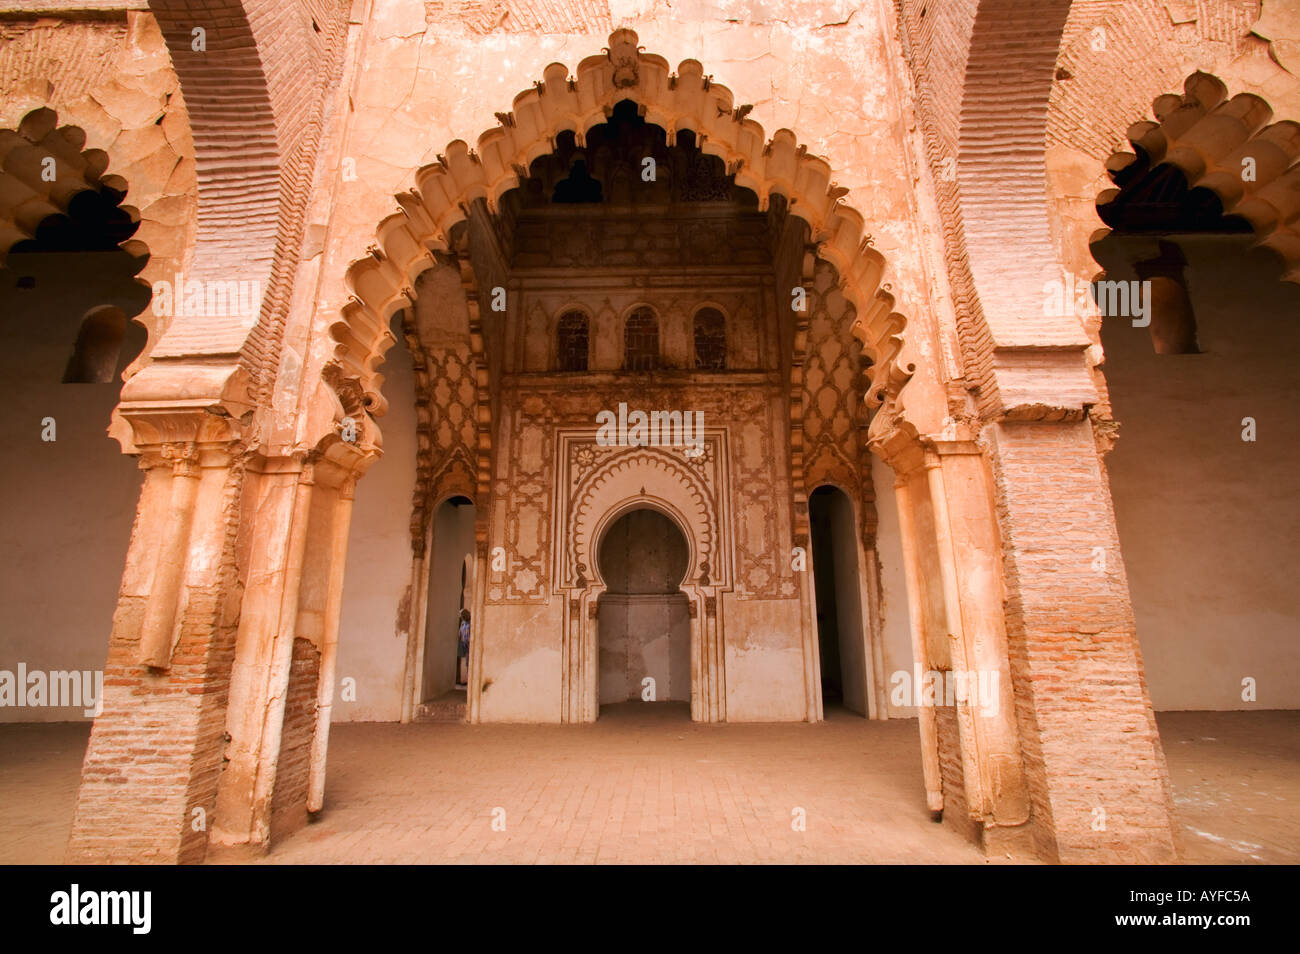 Intérieur de la mosquée de Tin mal décorées de couleur rose et montrant ses arcades construit 1156 en l'honneur de Mohammed ibn Tumart Maroc Photo Stock